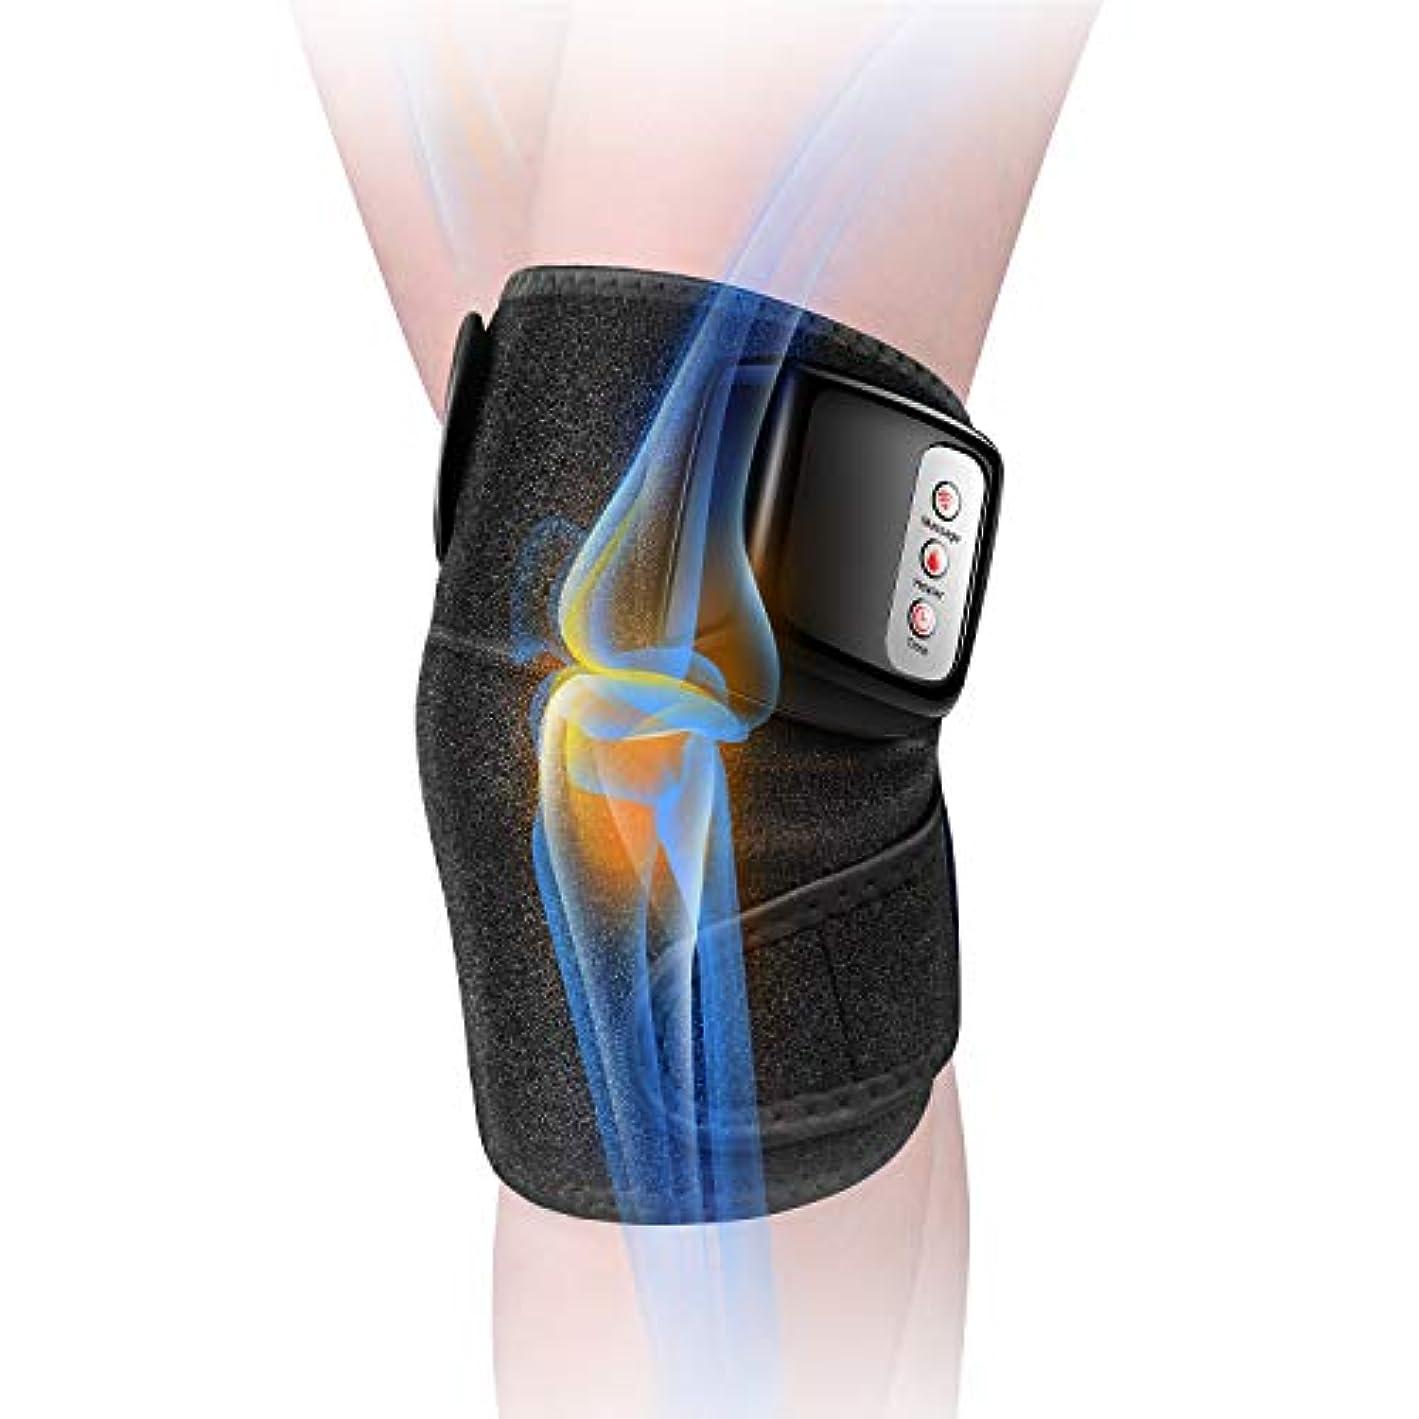 朝の体操をする液化するファンブル膝マッサージャー 関節マッサージャー マッサージ器 フットマッサージャー 振動 赤外線療法 温熱療法 膝サポーター ストレス解消 肩 太もも/腕対応